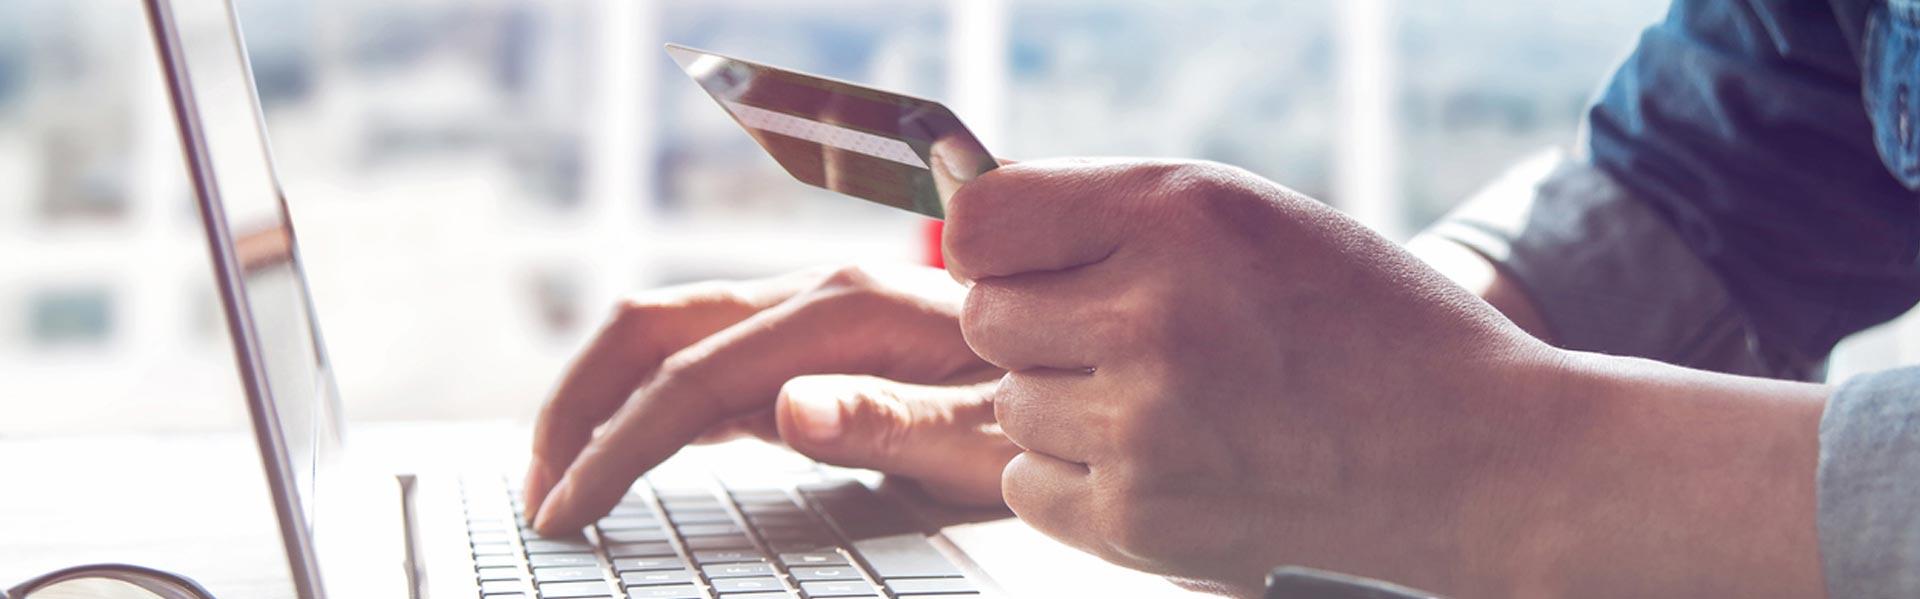 Tarjeta Prepaga Visa IBC del Banco IBC